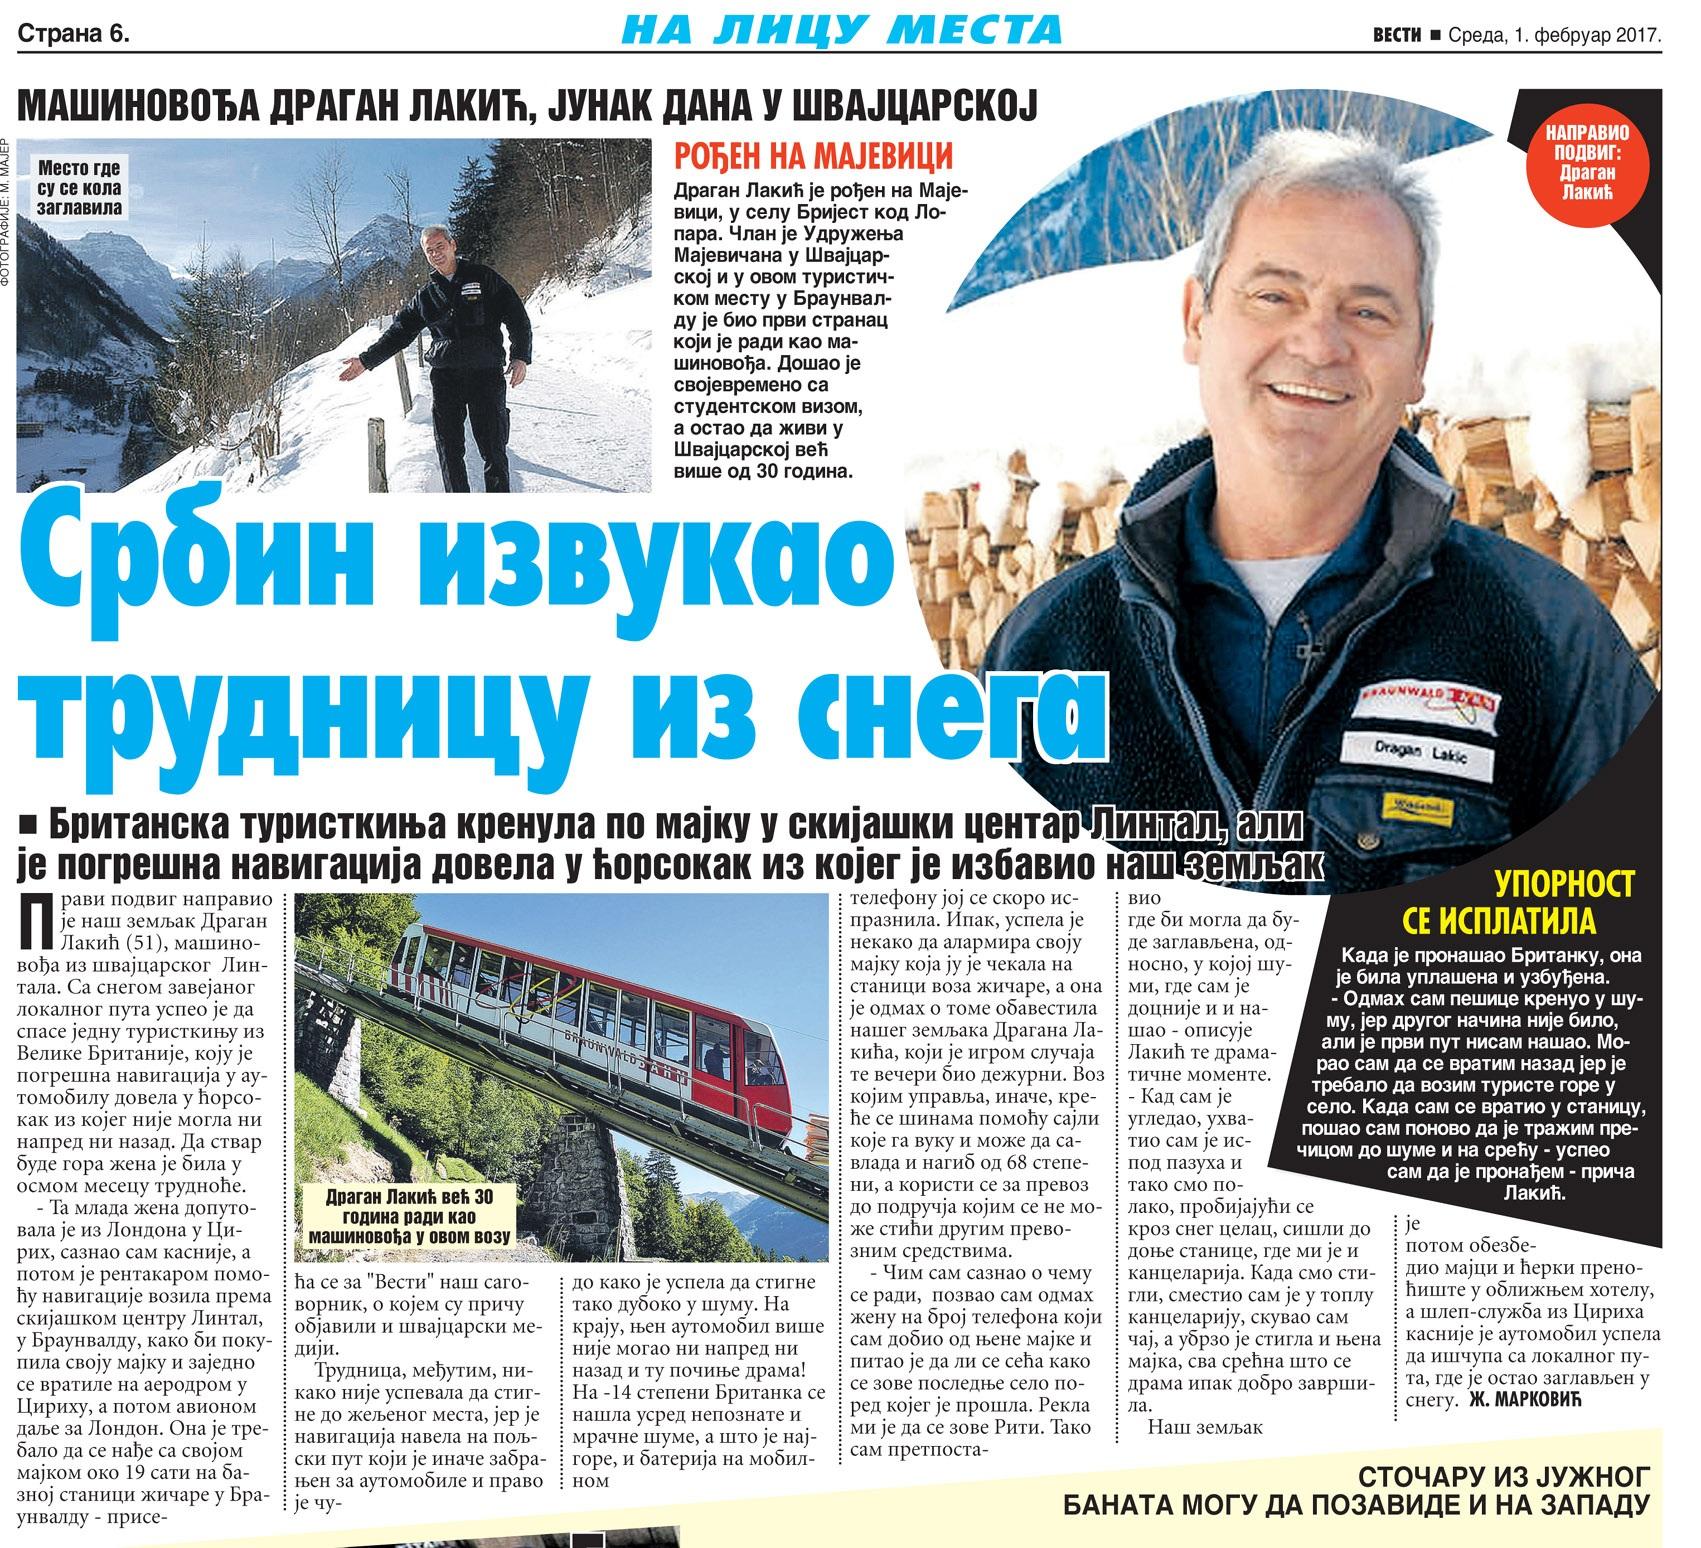 """Tekst u """"Vestima"""" od 1. februara 2017."""